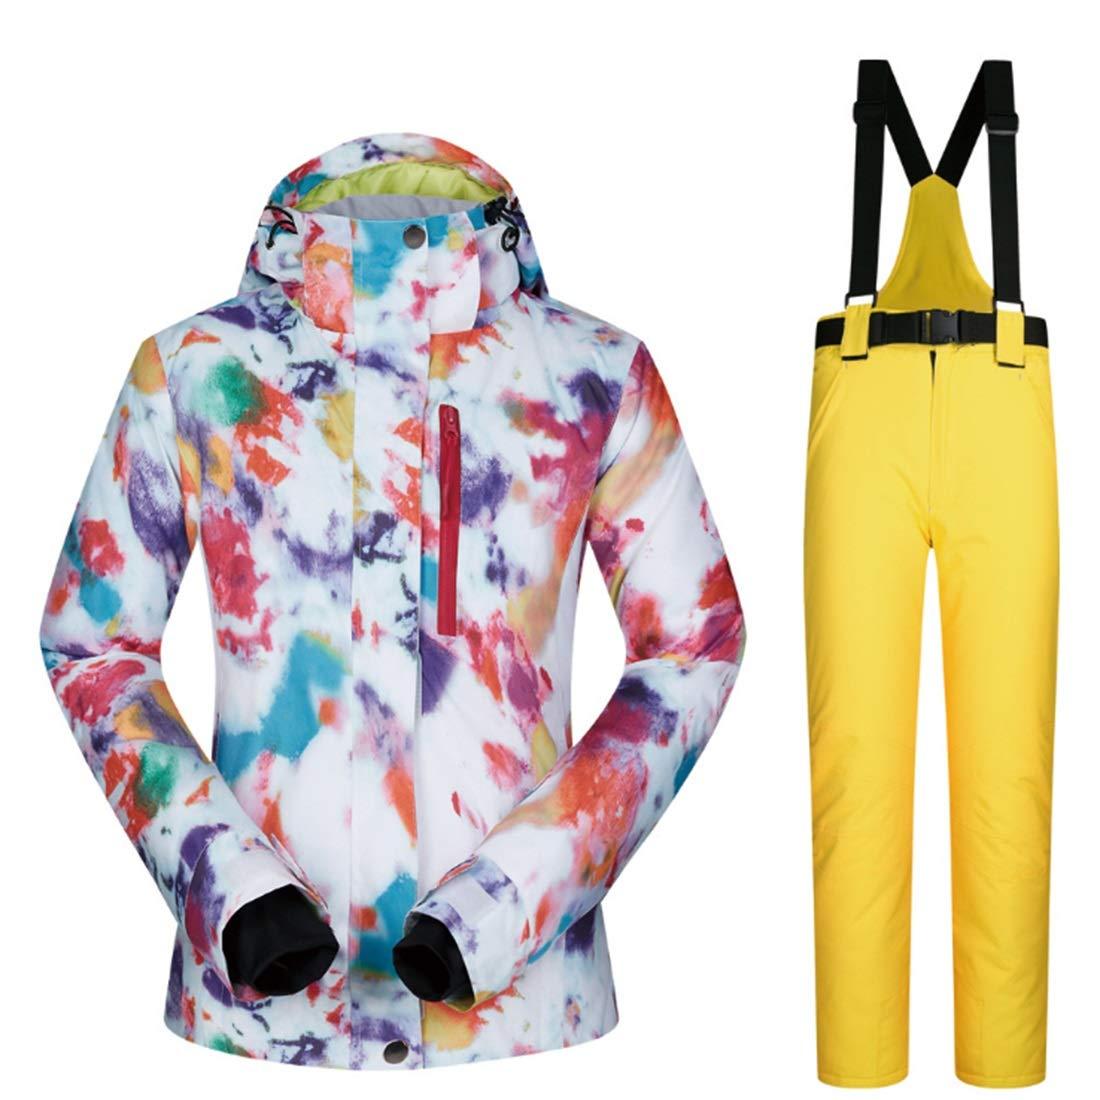 Sakuldes Snowsuit da Donna Invernale Antivento e e e Impermeabile con Giacca e Pantaloni da Sci (Coloree   05, Dimensione   XL)B07KSPTDV9M 02 | Shopping Online  | diversità imballaggio  | Abile Fabbricazione  | Molti stili  | The Queen Of Quality  | Lasc 9e3469